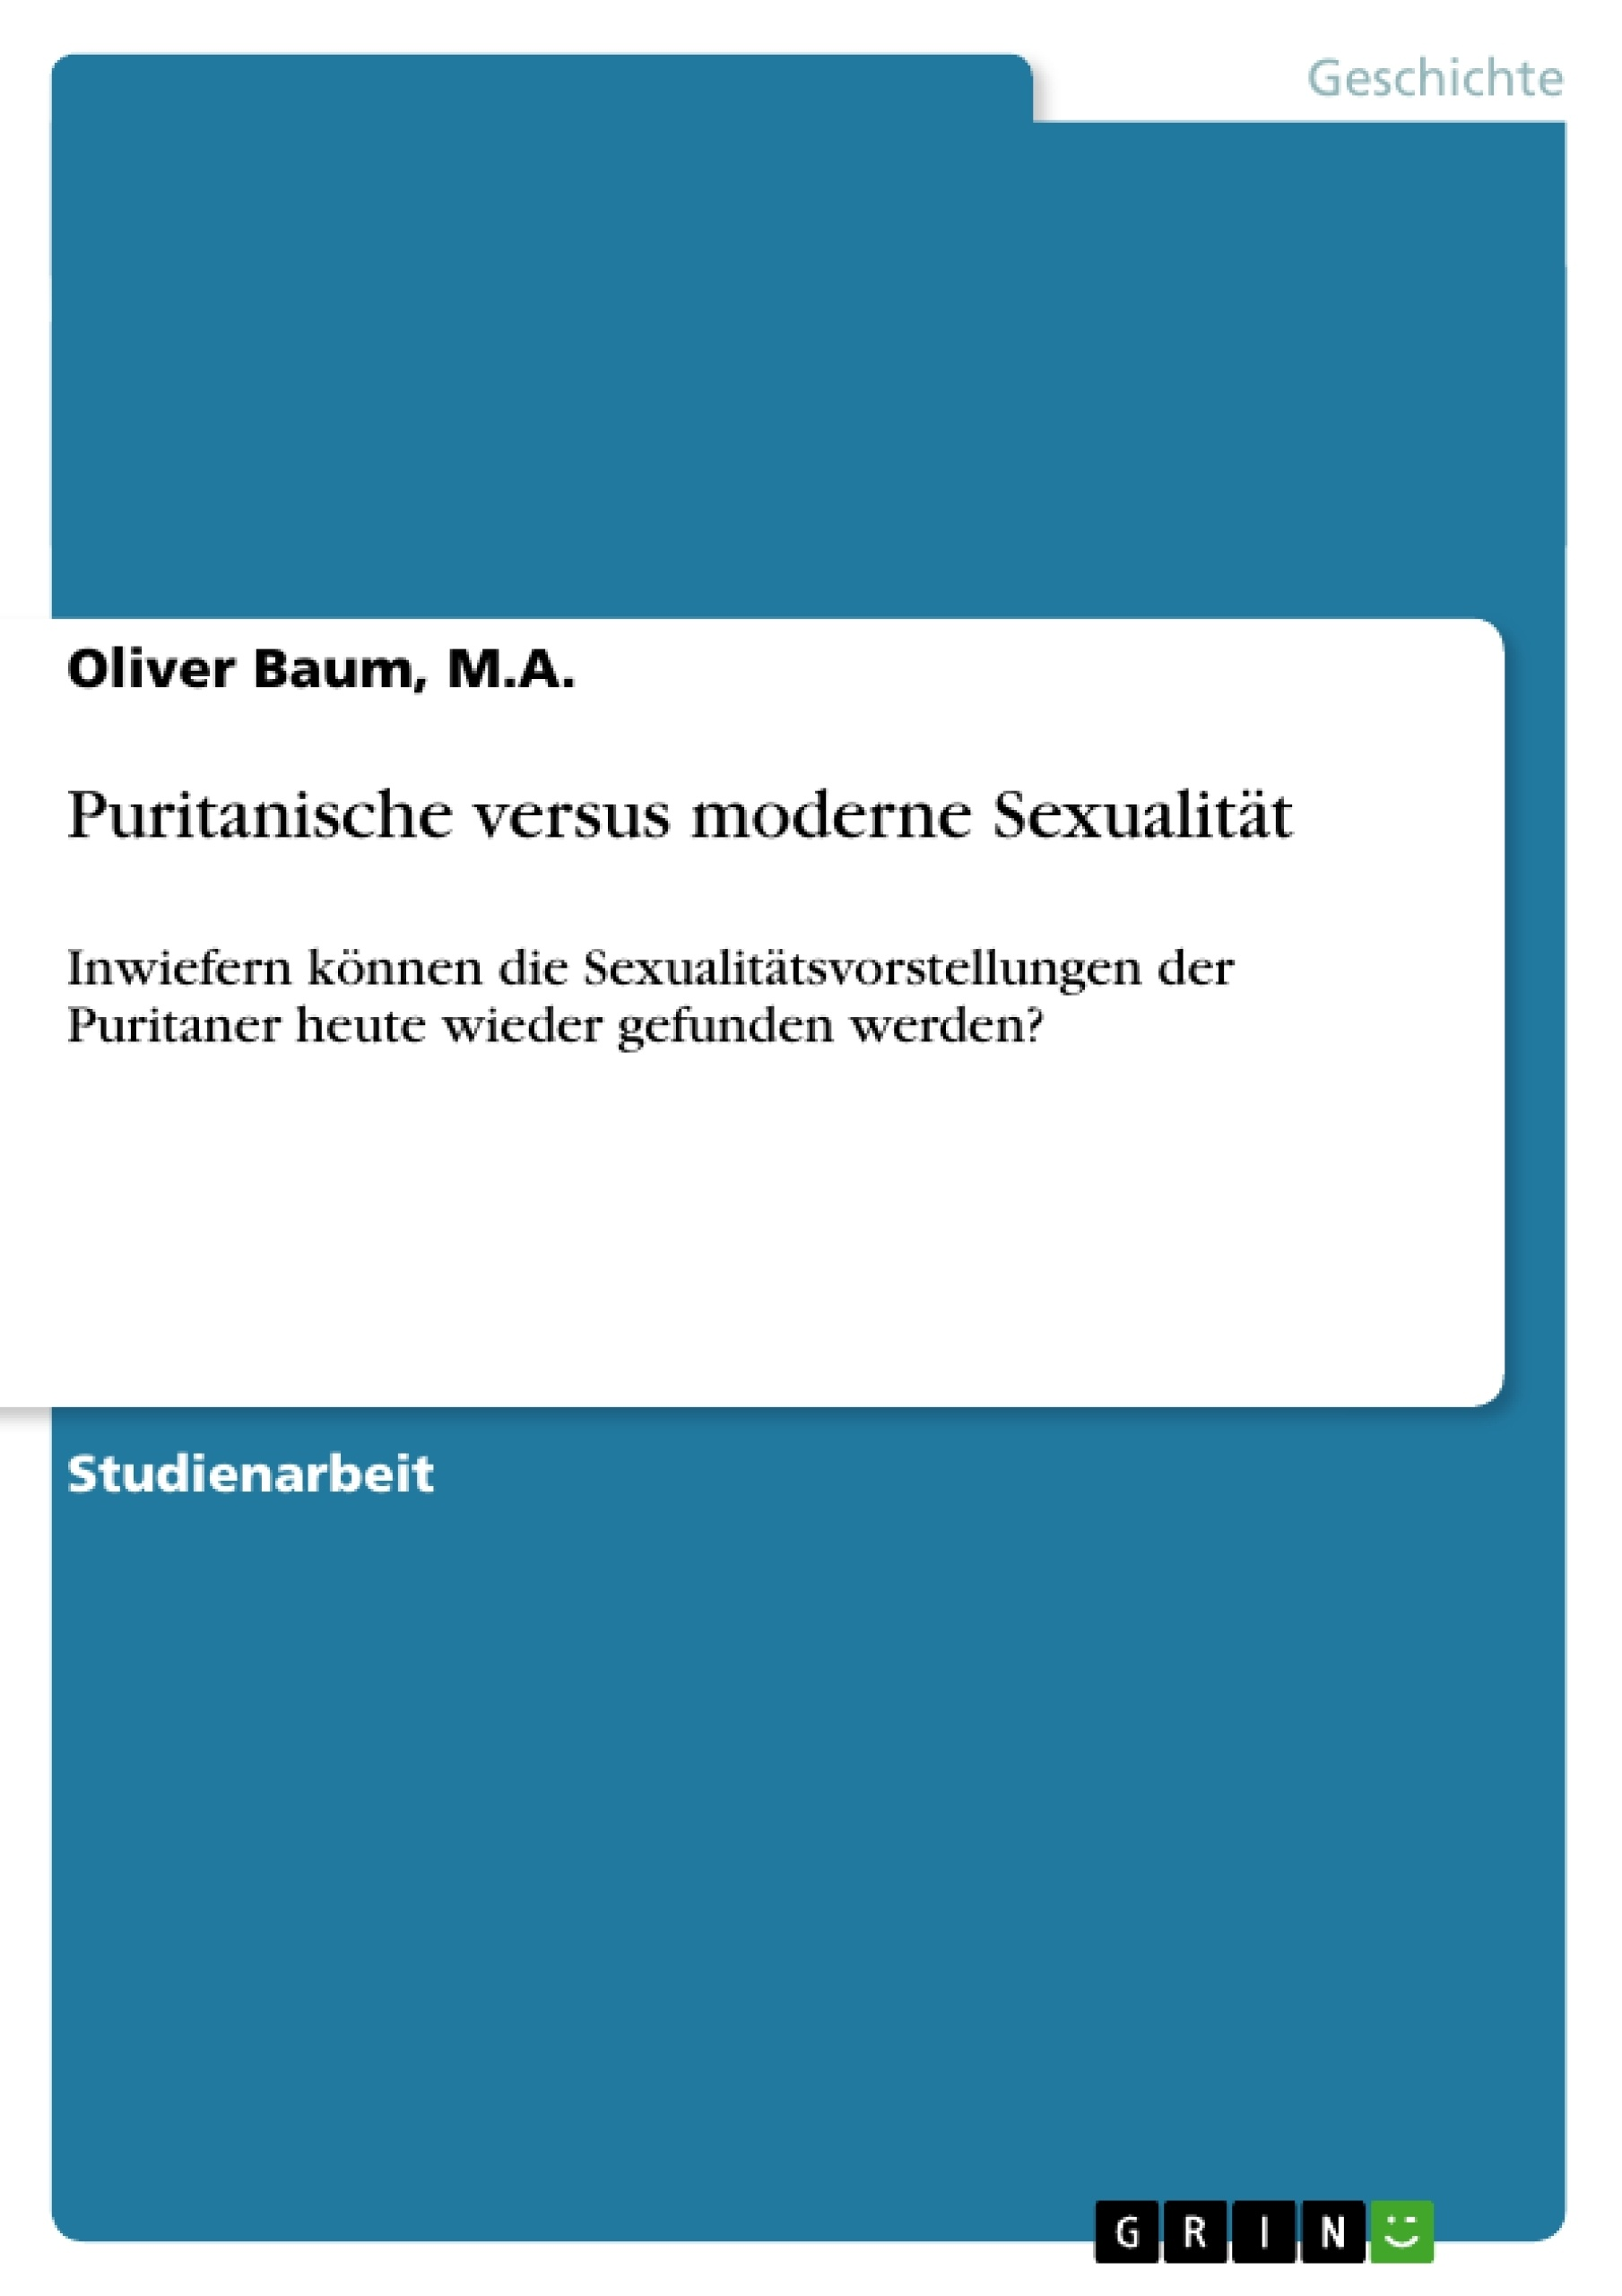 Titel: Puritanische versus moderne Sexualität